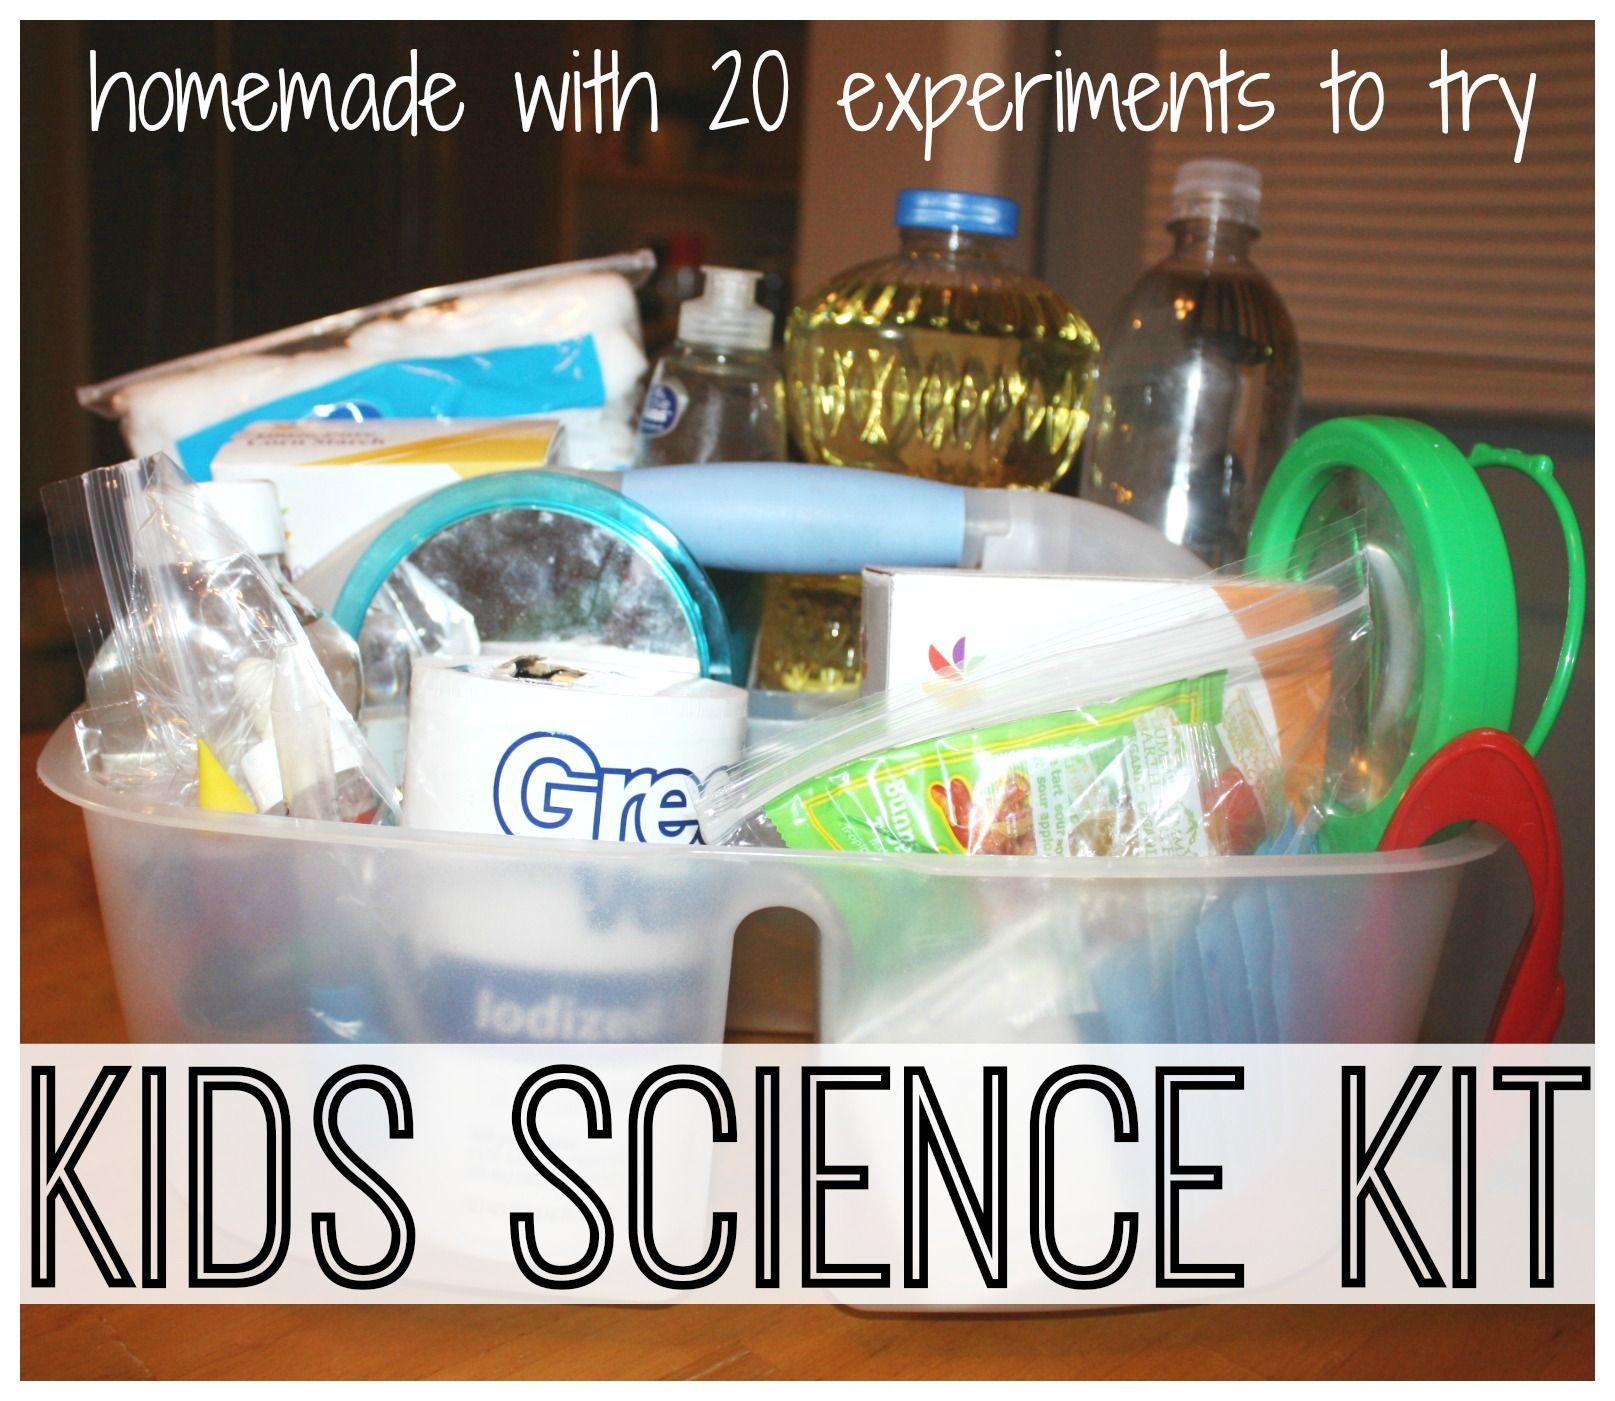 Make A Diy Science Kit For Kids Science Kits For Kids Diy Science Science Kits